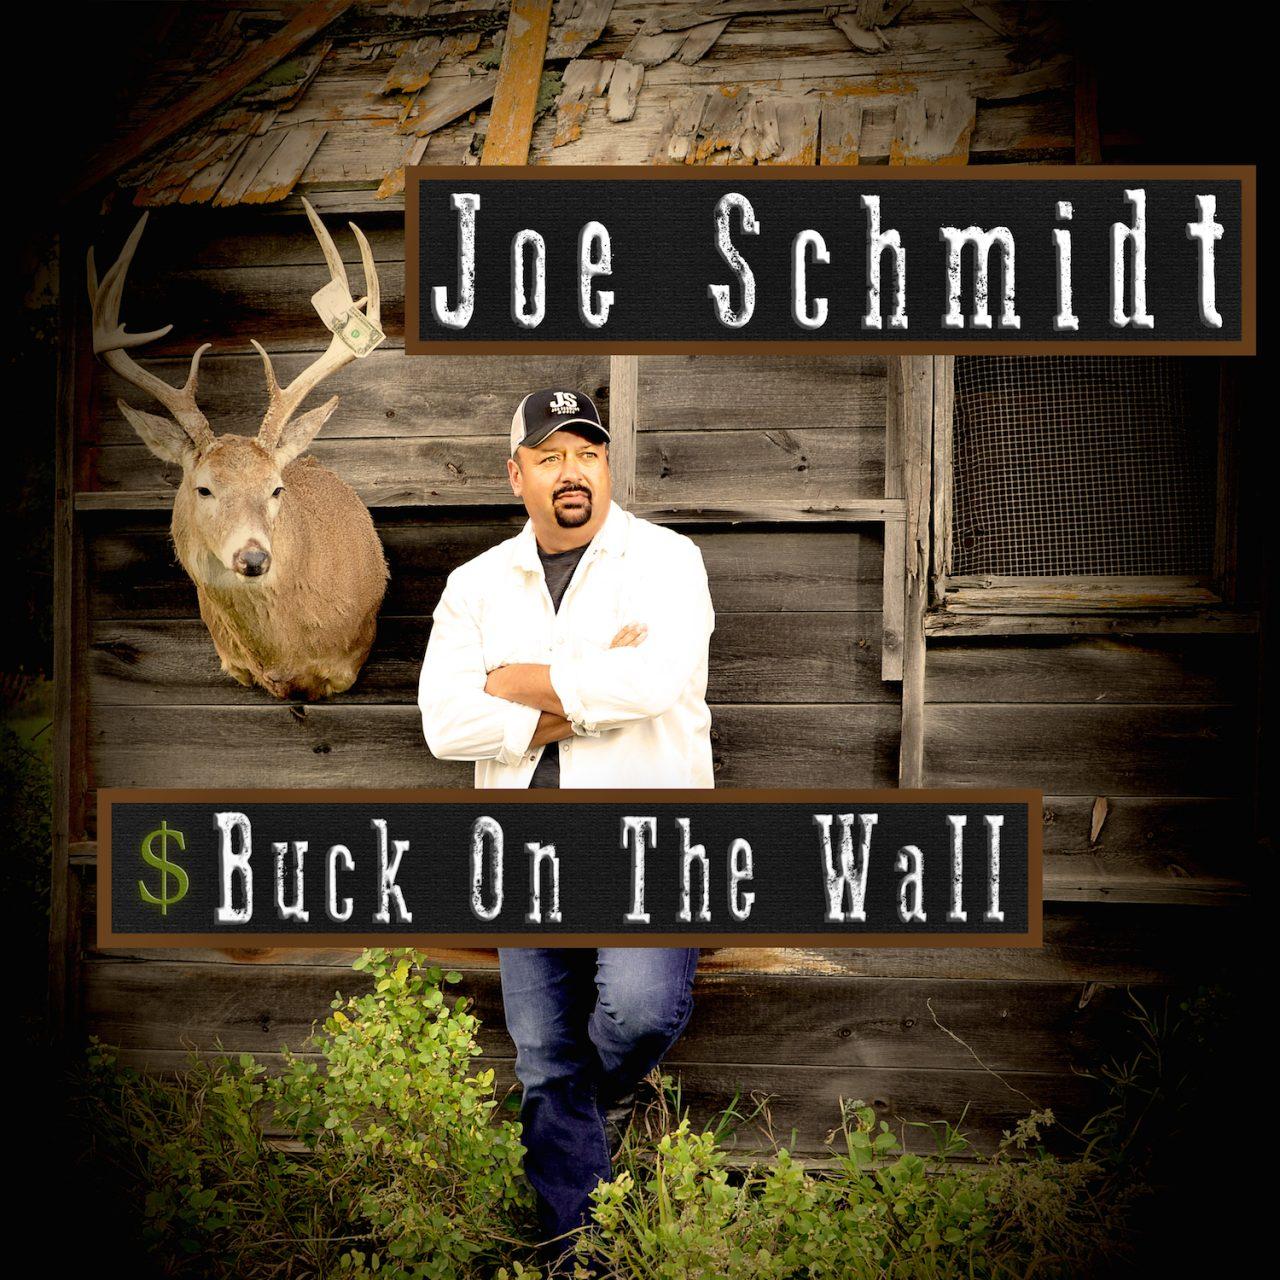 Joe Schmidt - Buck On The Wall